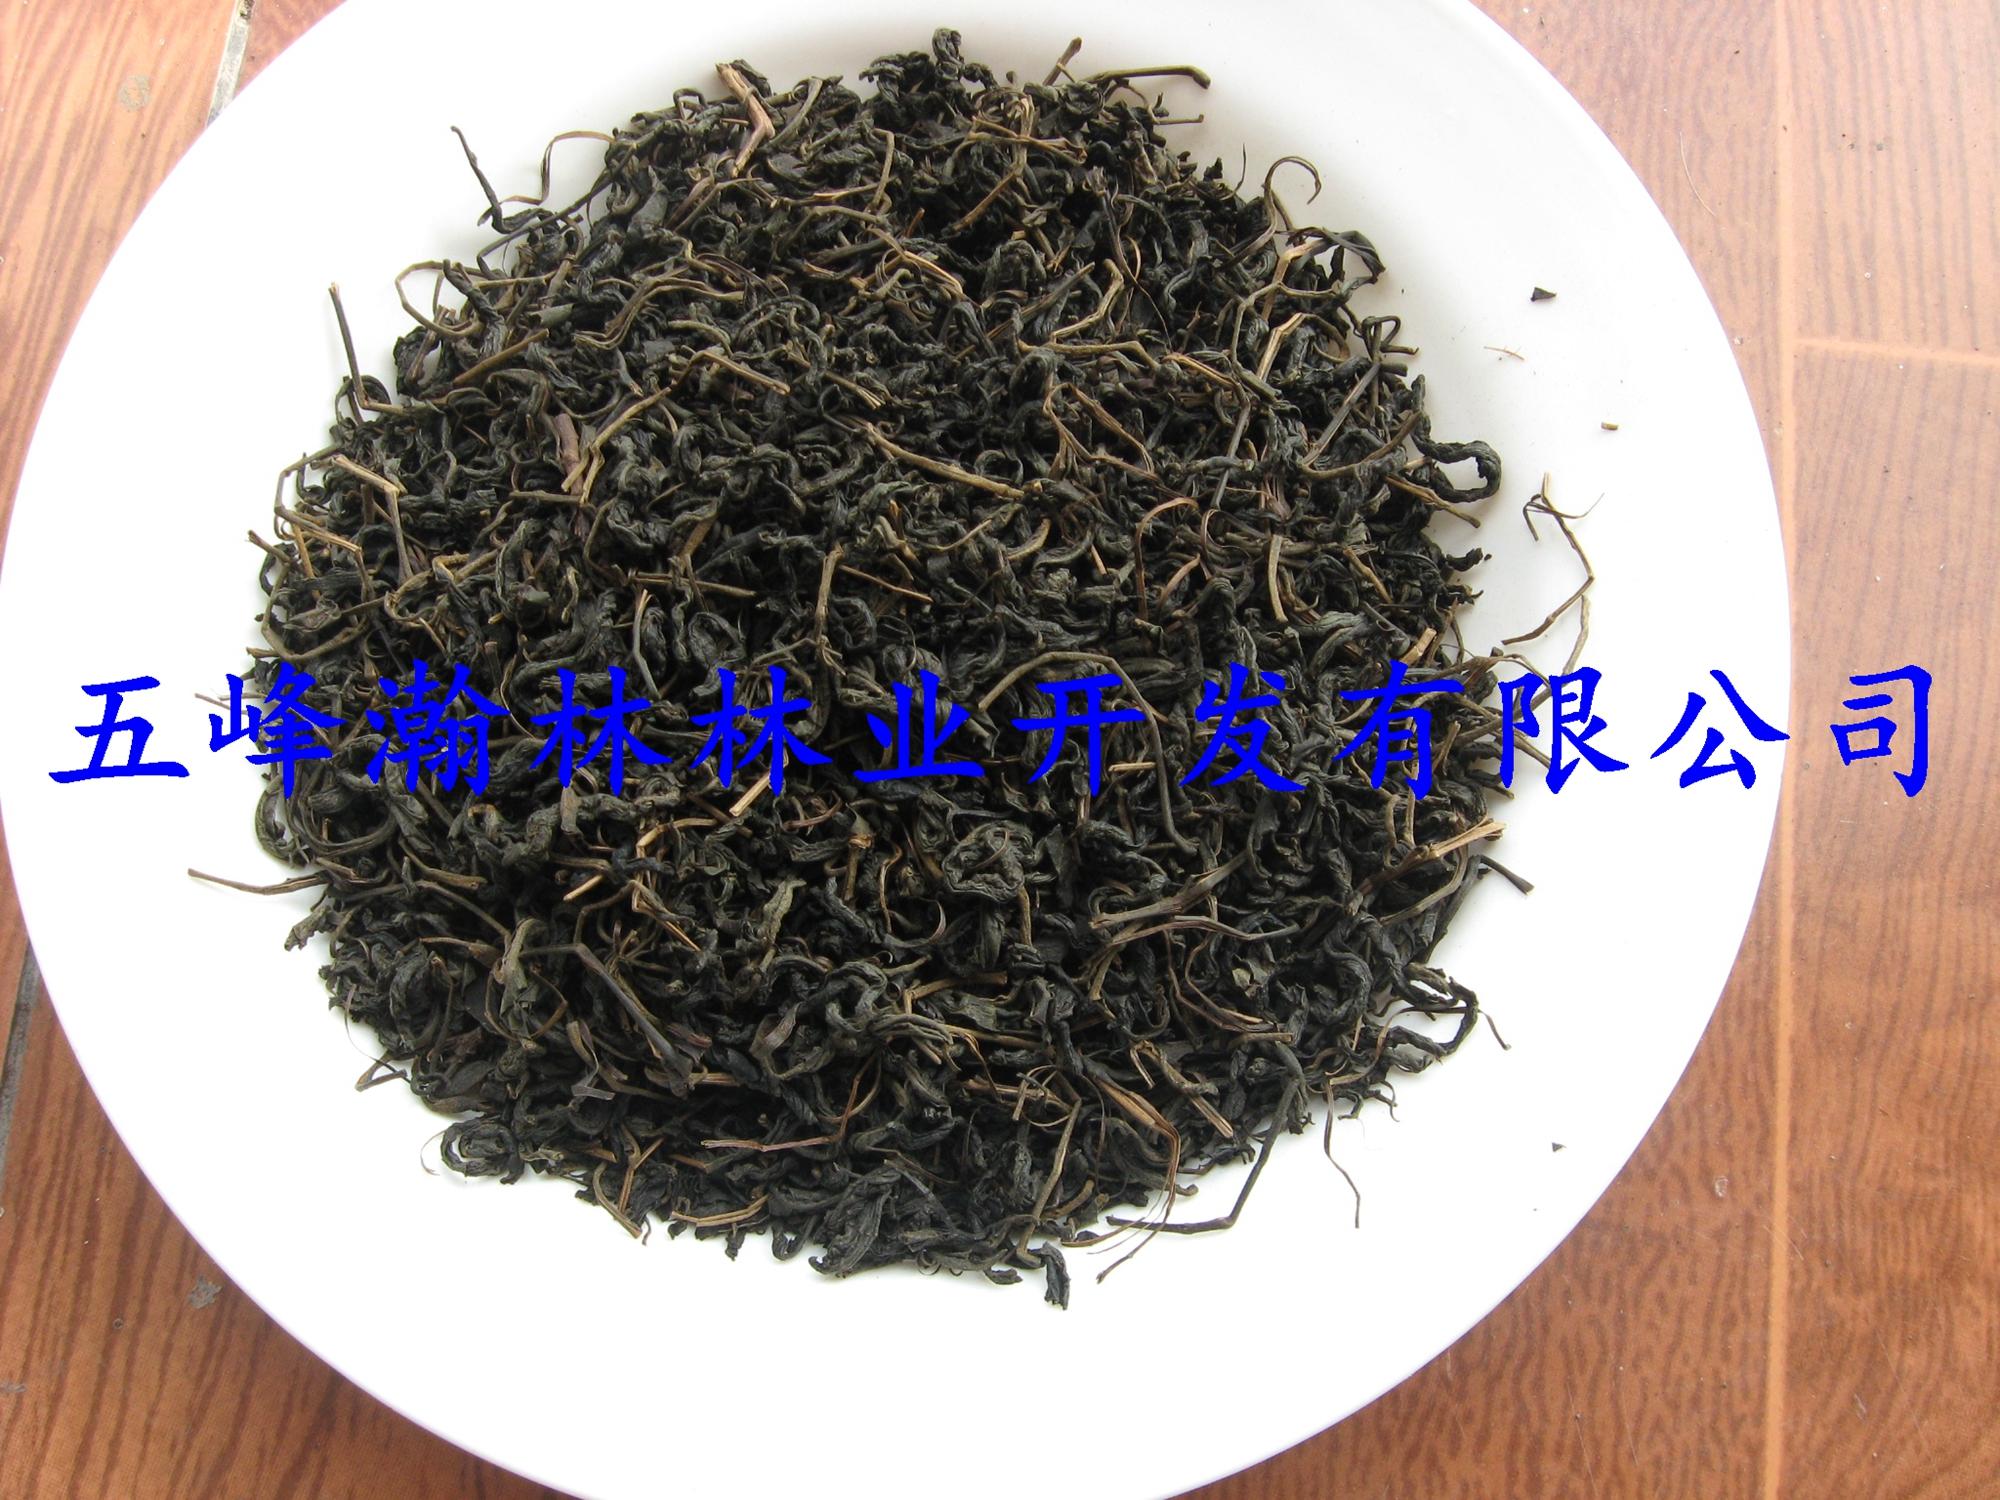 供应那里有青钱柳嫩叶茶批发